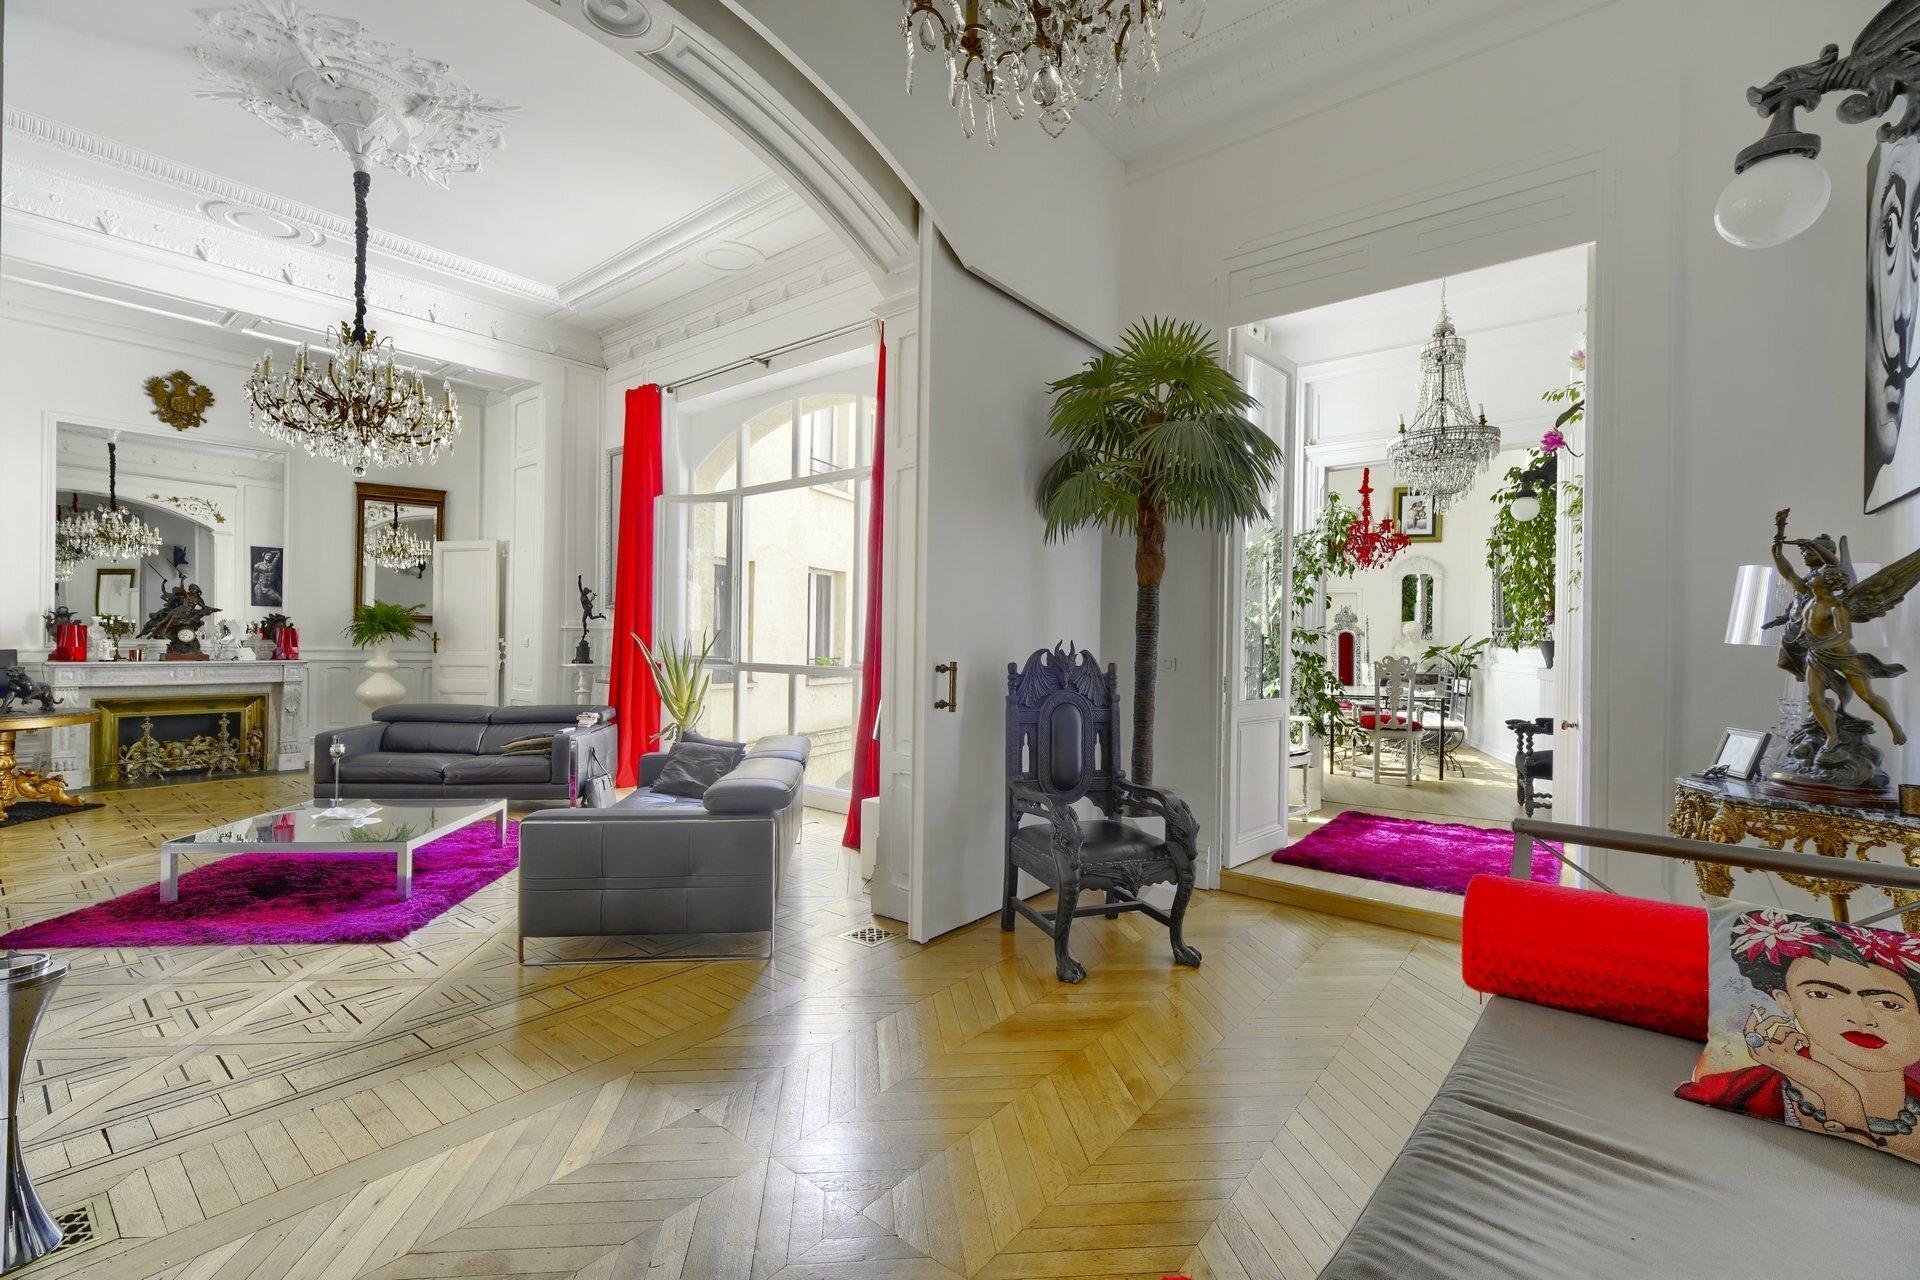 Apartment in Le Bouscat, Nouvelle-Aquitaine, France 1 - 11108385